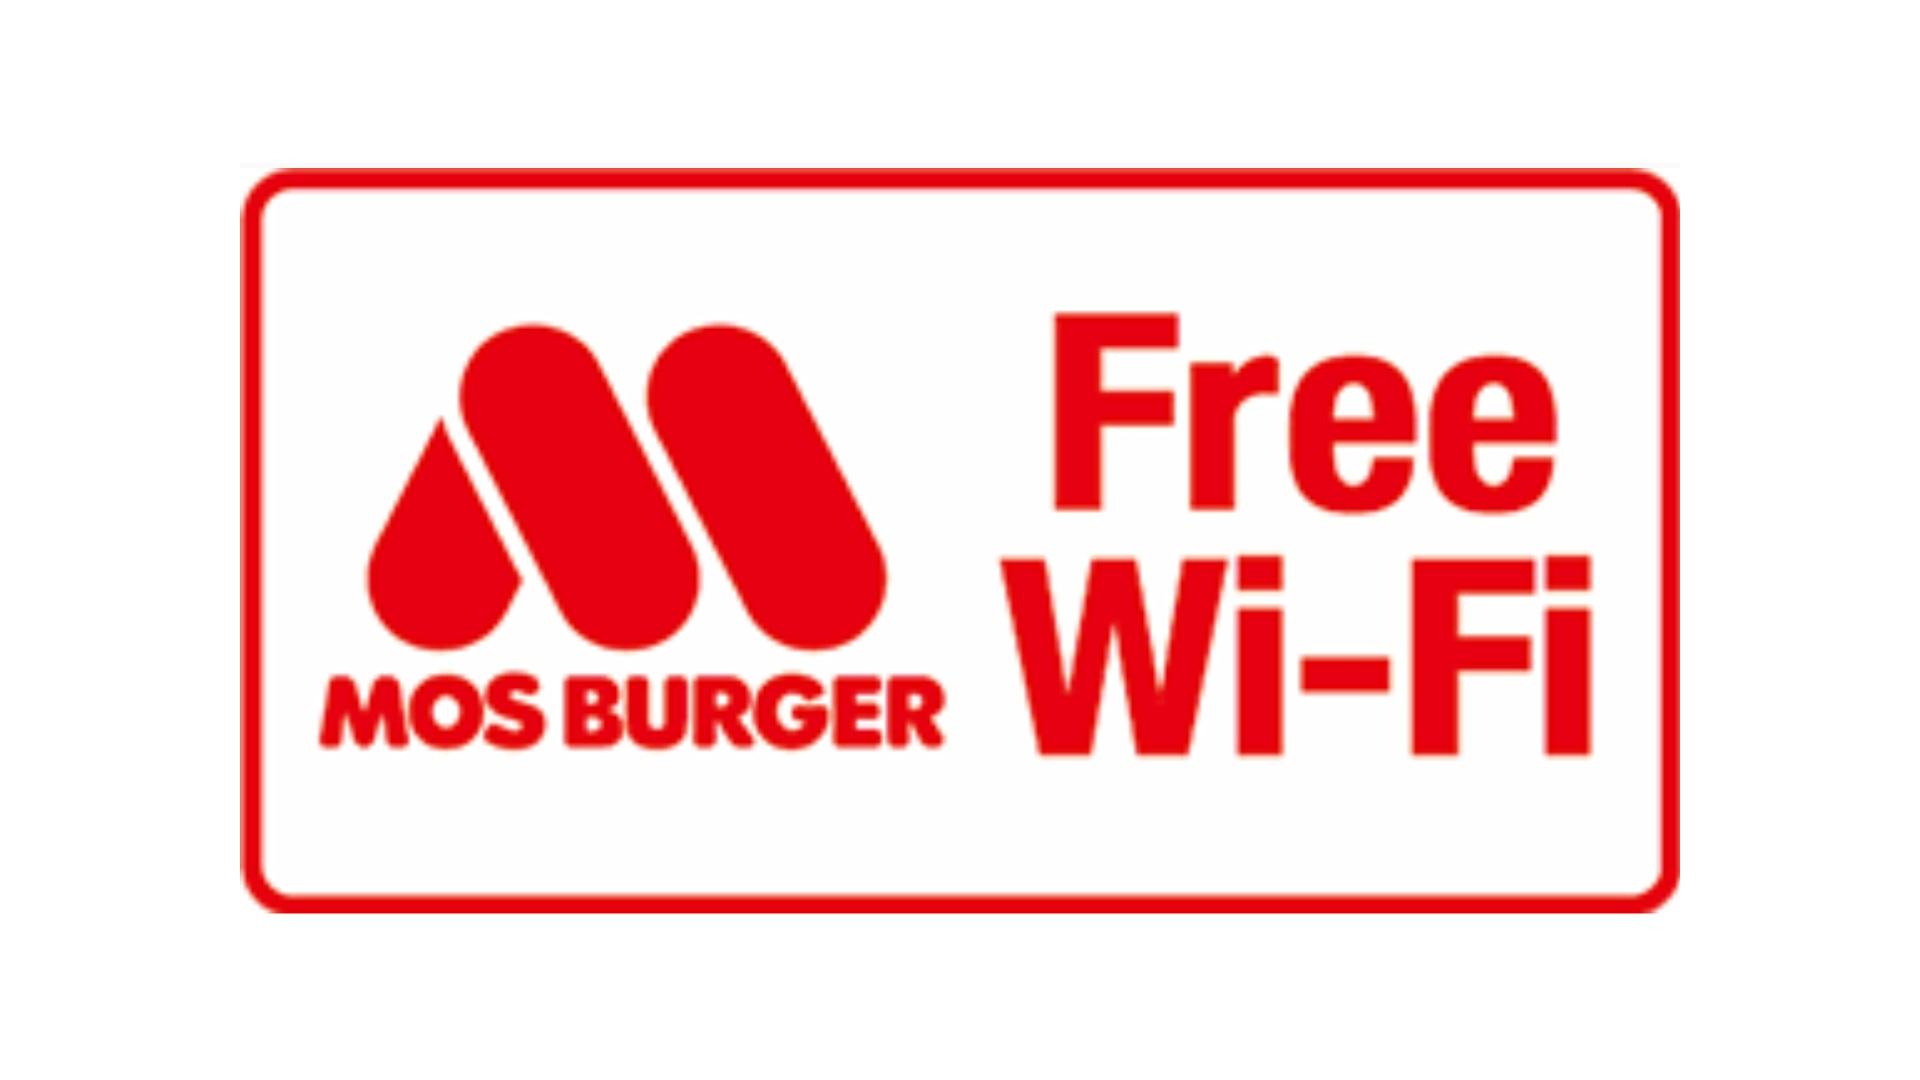 モスバーガーのフリーWi-Fi「MOS BURGER Free Wi-Fi」に接続する方法【レポート】